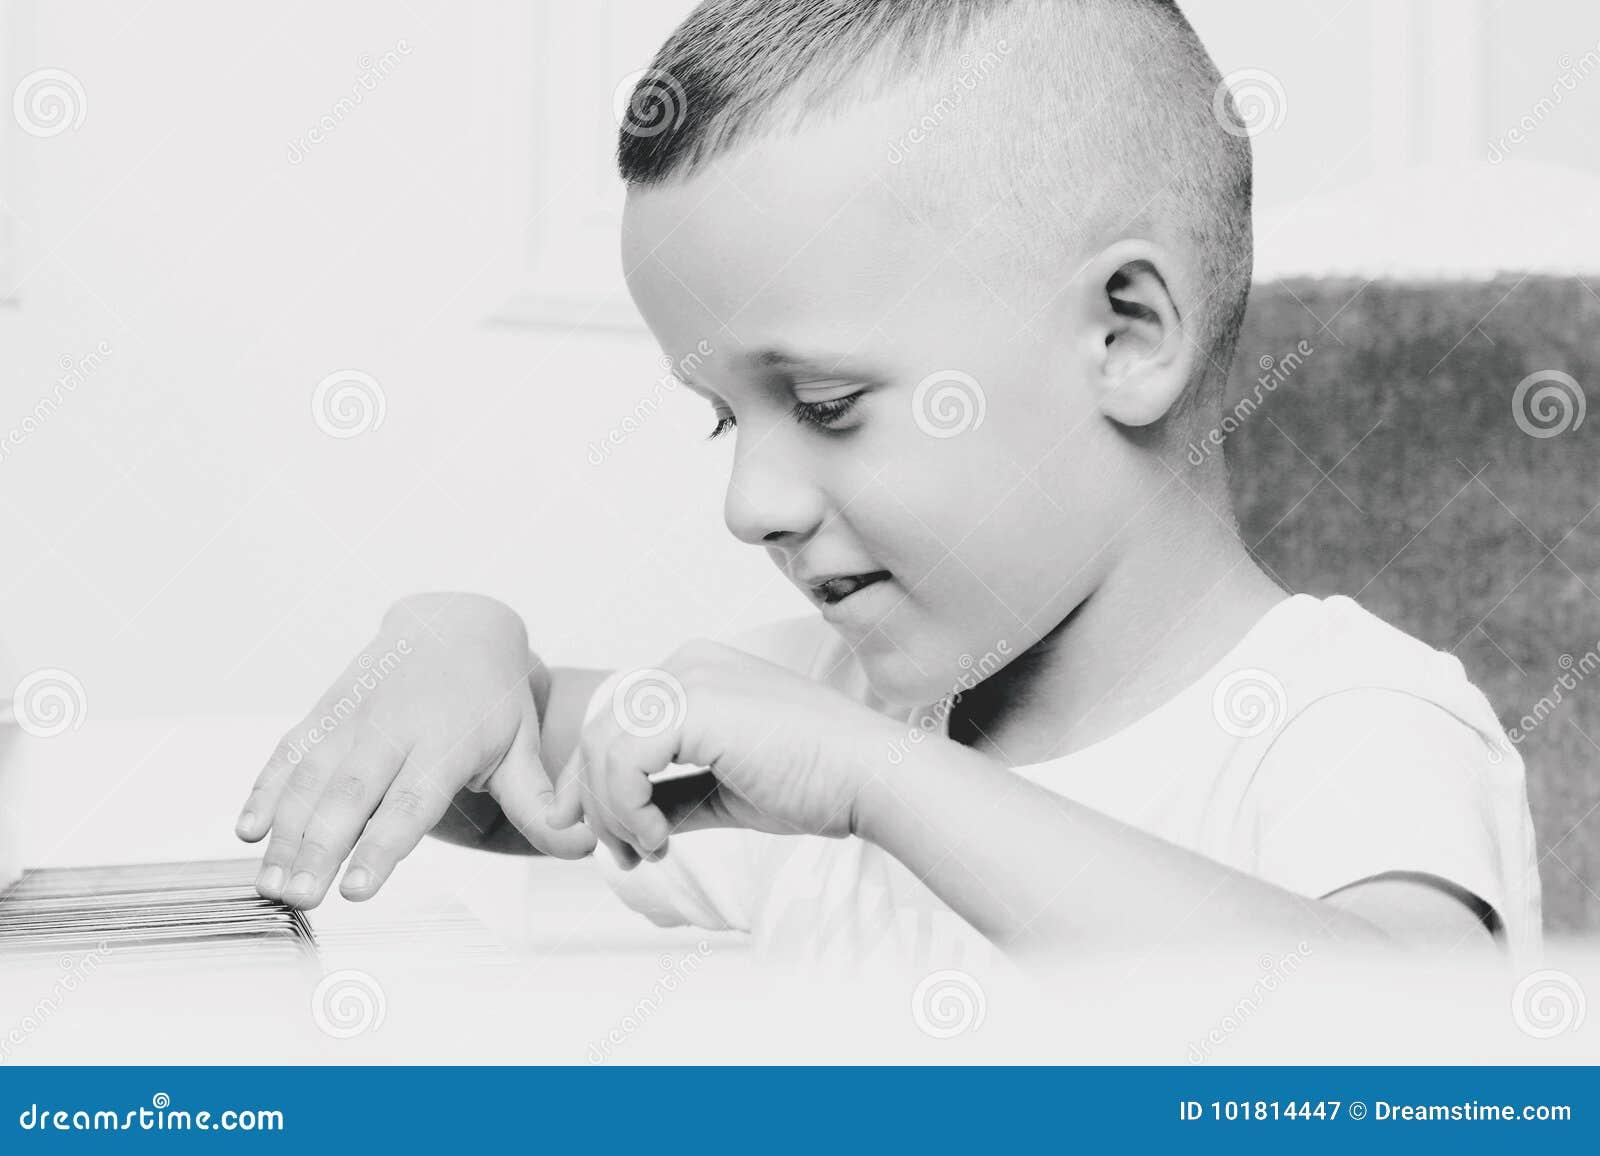 Stående av en pojke